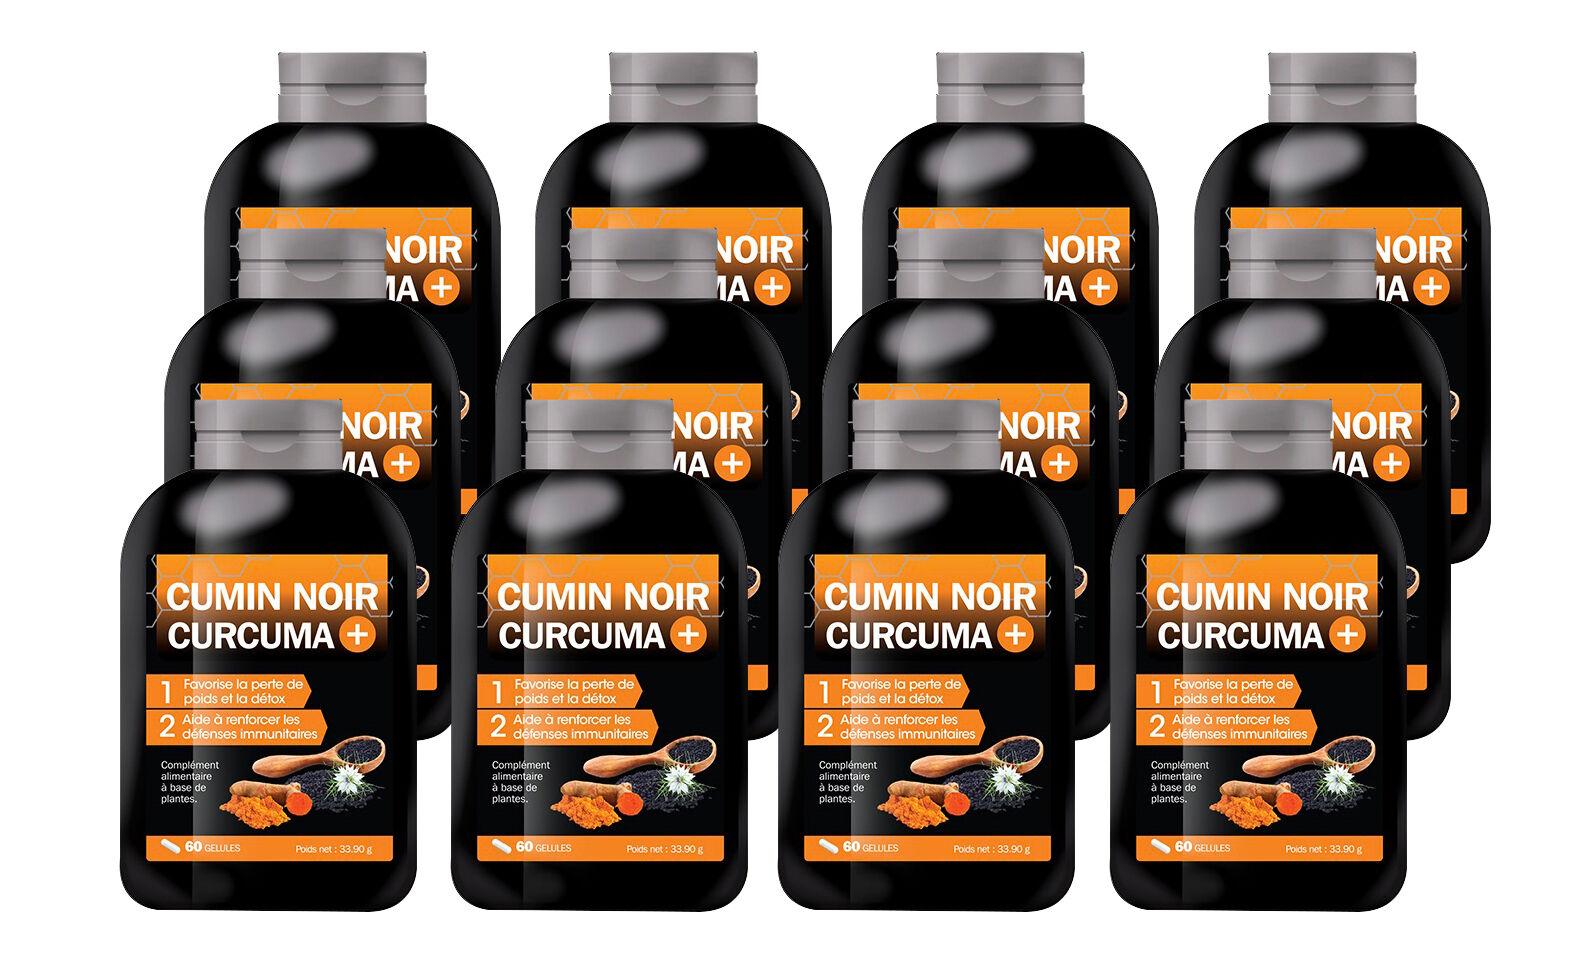 Cumin Noir Curcuma + : 12 mois (720 gélules)